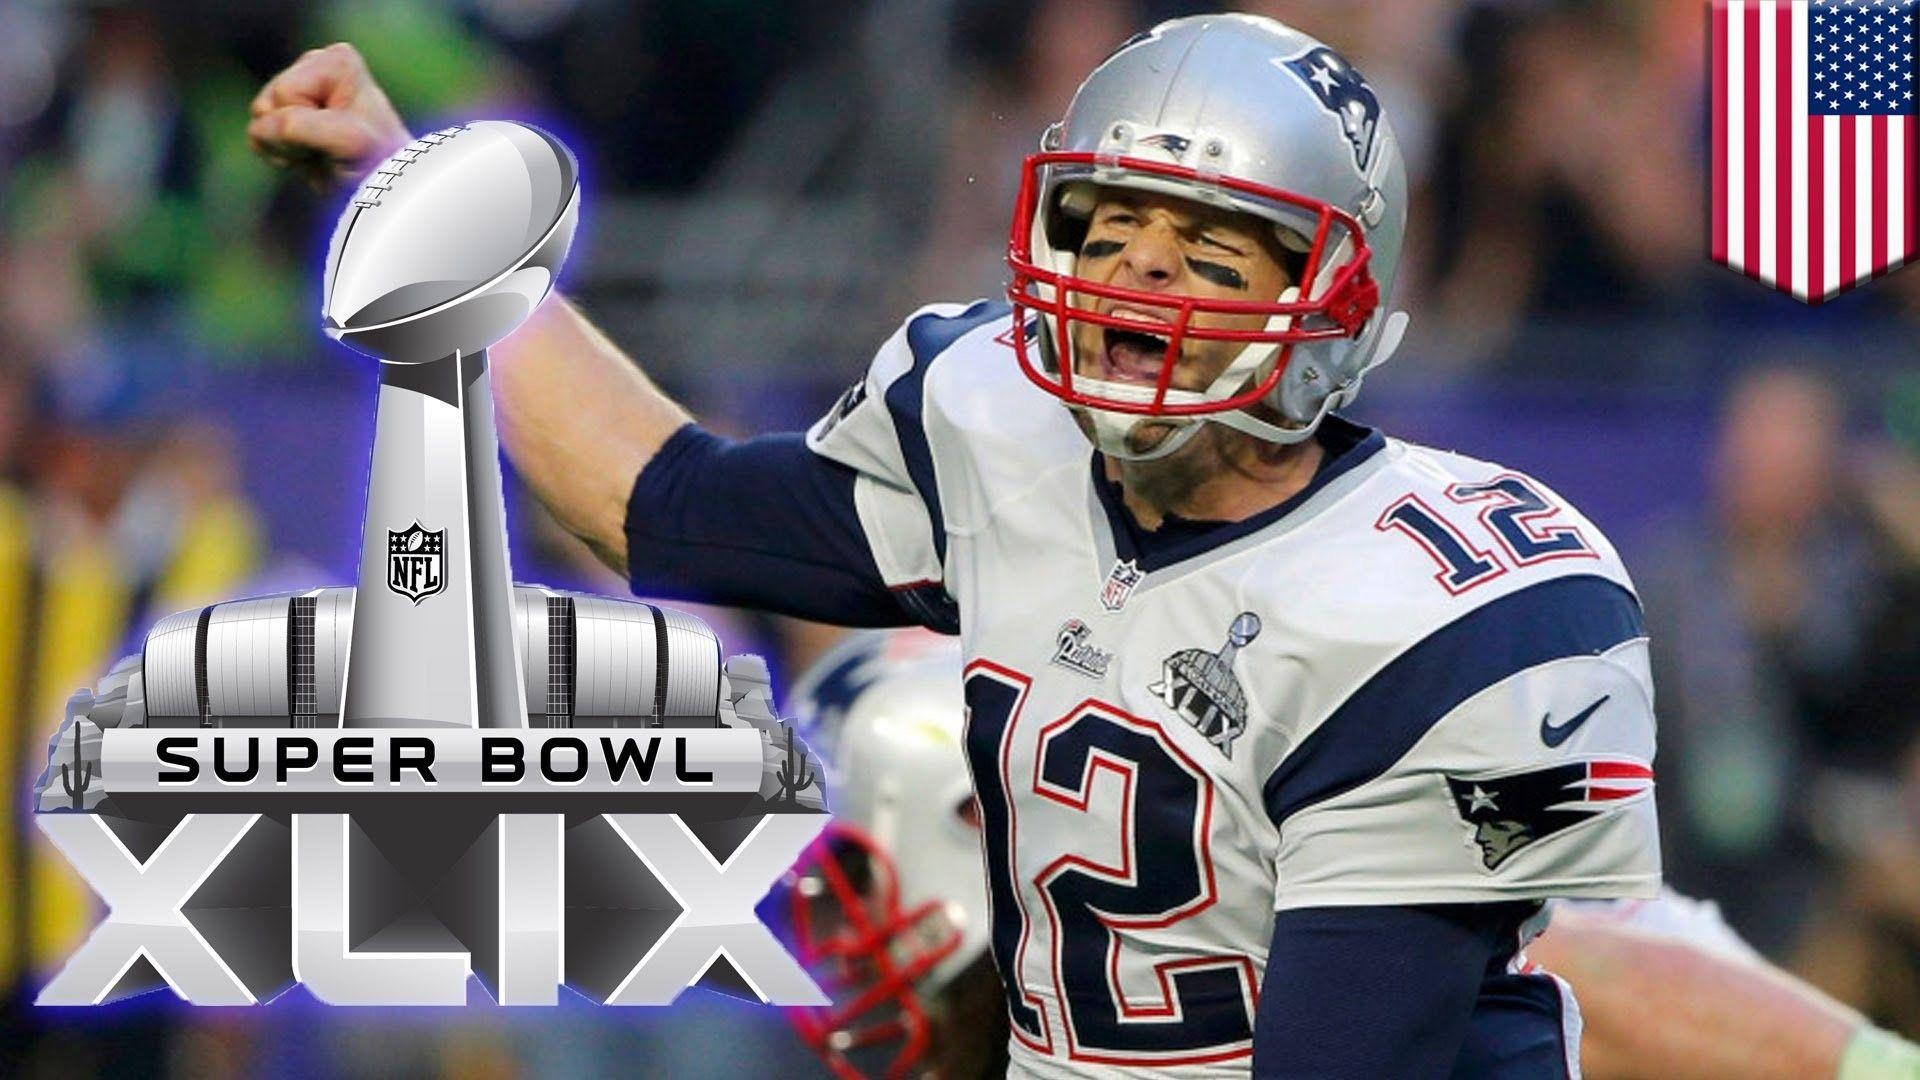 Patriots super bowl wallpapers top free patriots super - Patriots super bowl champs wallpaper ...